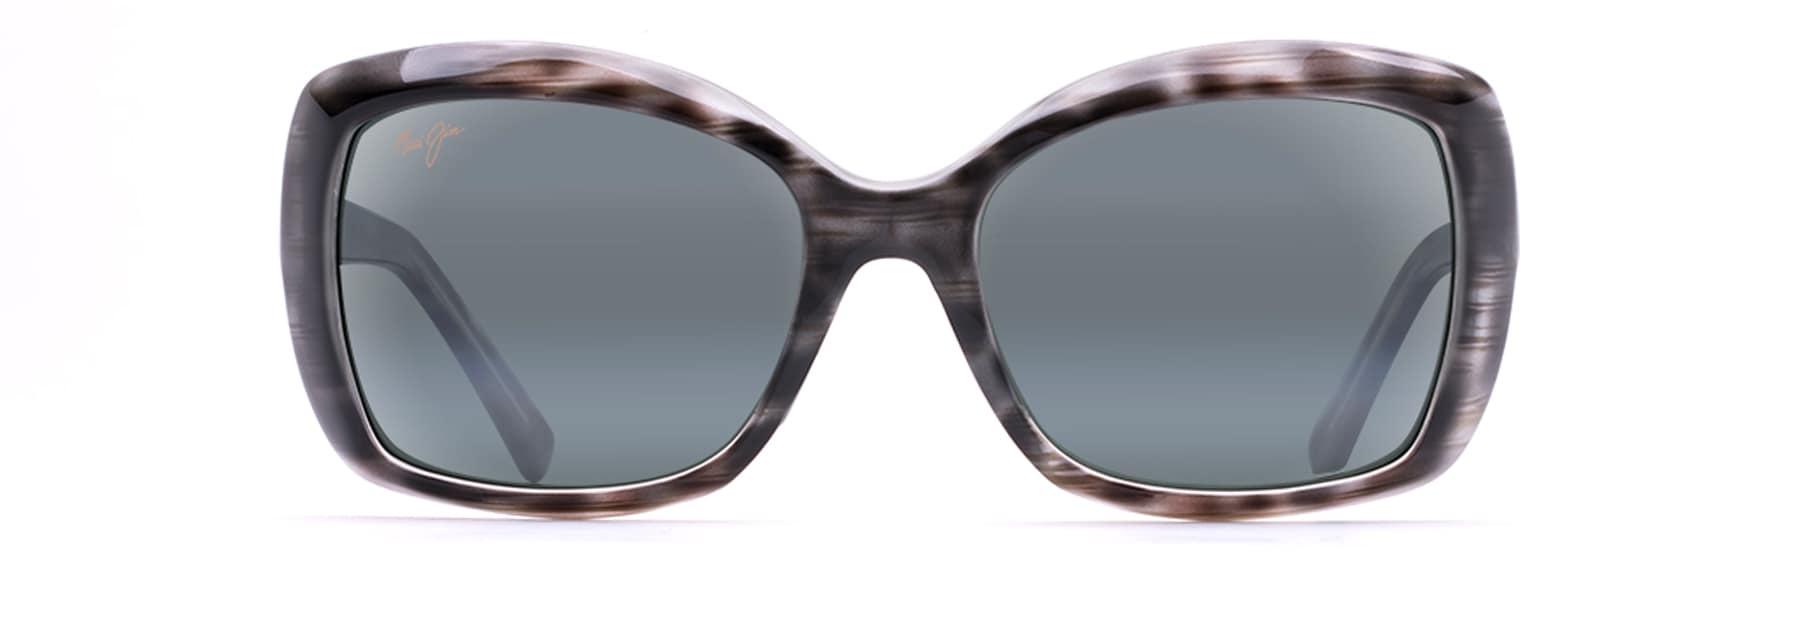 orchid polarised sunglasses maui jim®